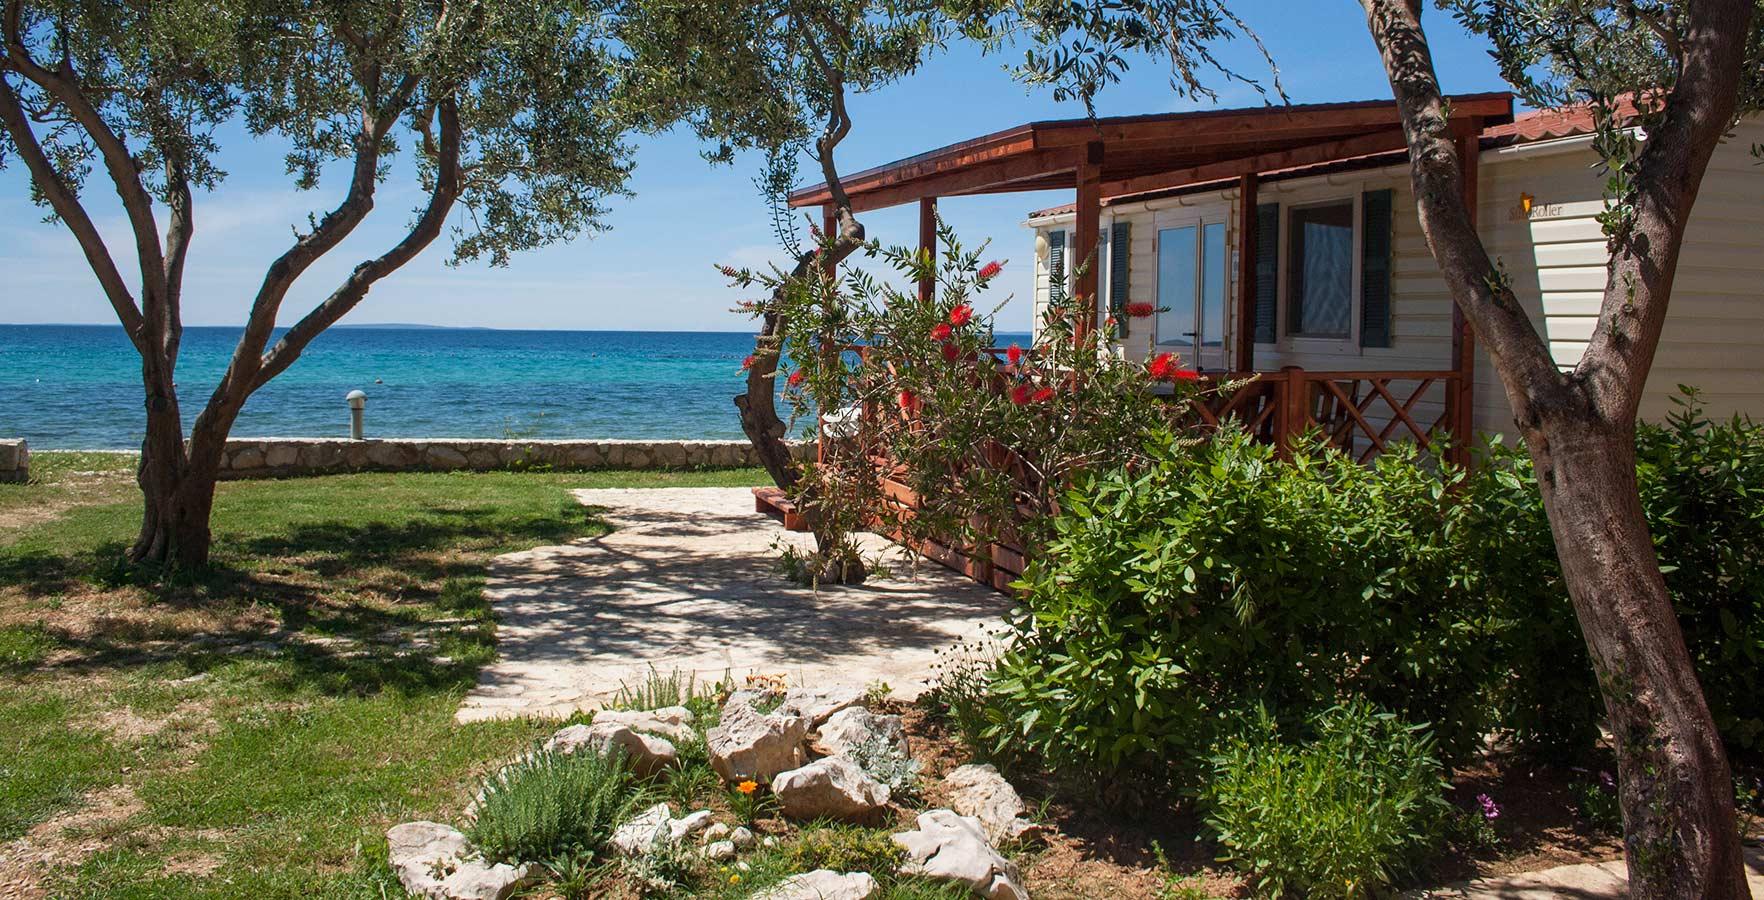 mobilheim kroatien bungalows appartements kroatische. Black Bedroom Furniture Sets. Home Design Ideas